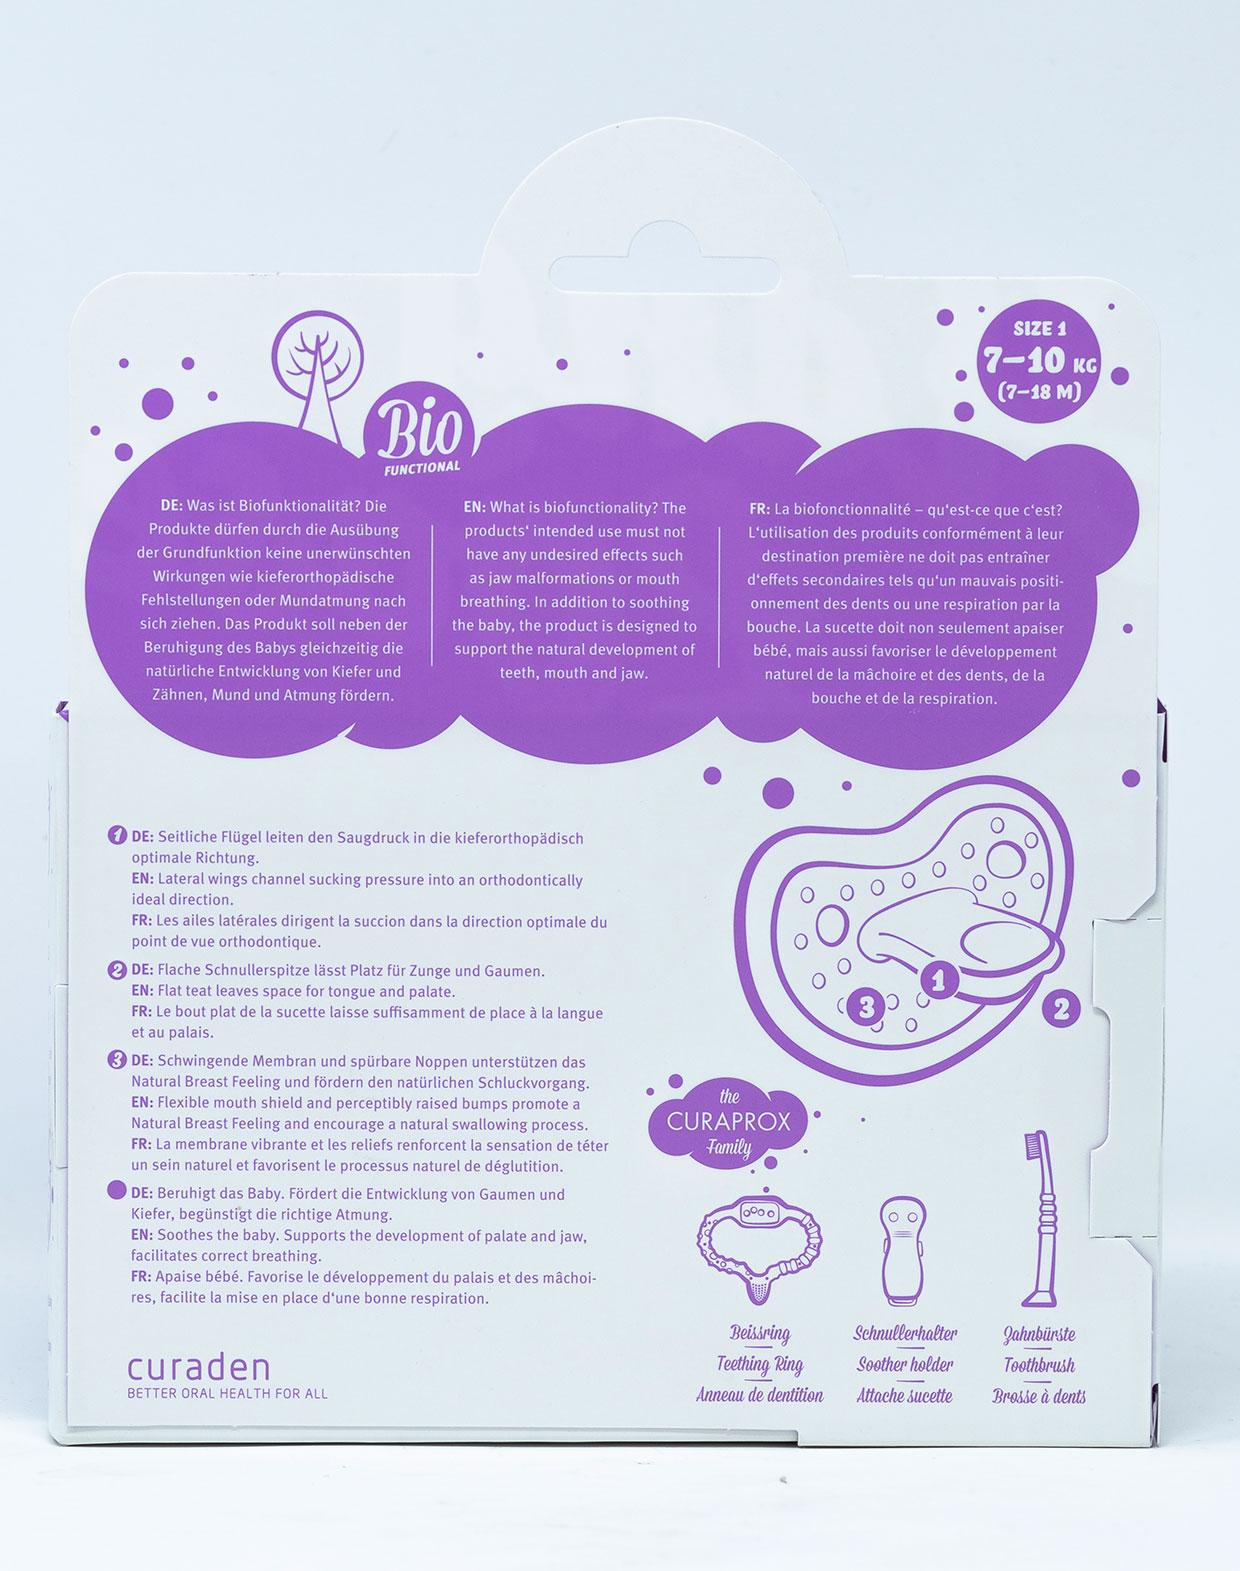 Curaprox Succhietto Taglia 1 [7- 18 mesi] 2 pz  + Scatola per Igienizzazione -  Vari Colori